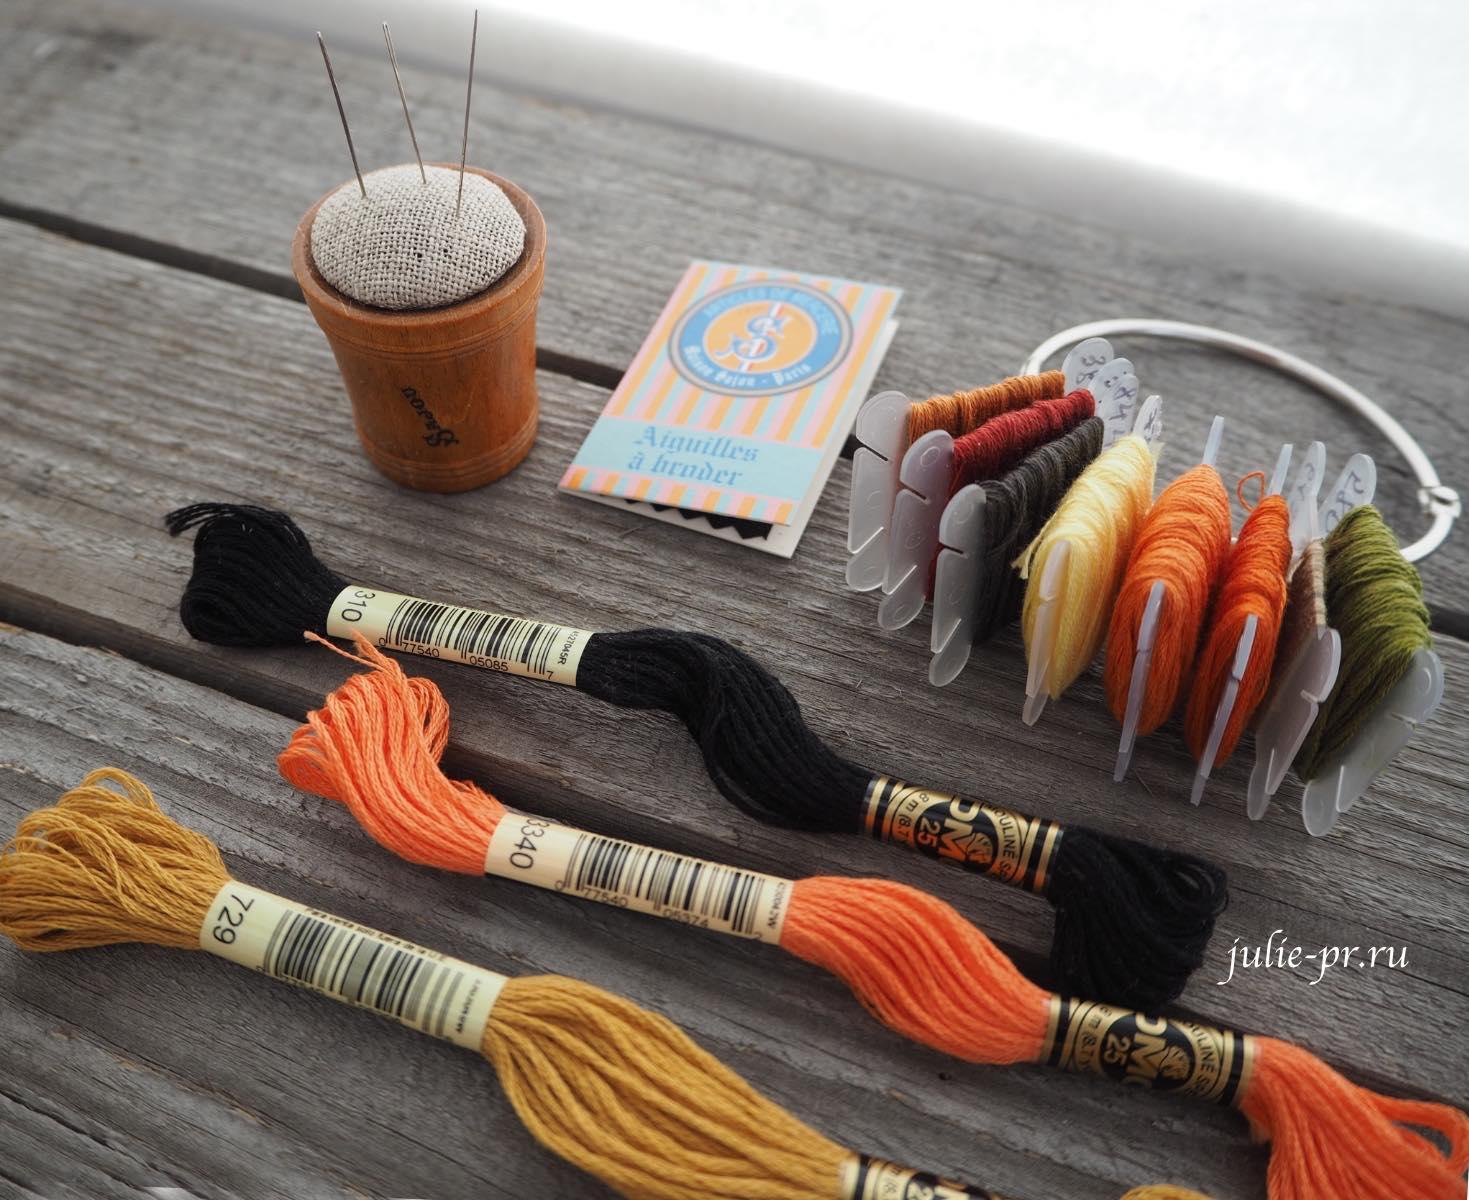 Вышивка крестом, Игольница Sajou, иглы №28 Sajou, мулине DMC, бобинки для мулине, кольцо для мулине